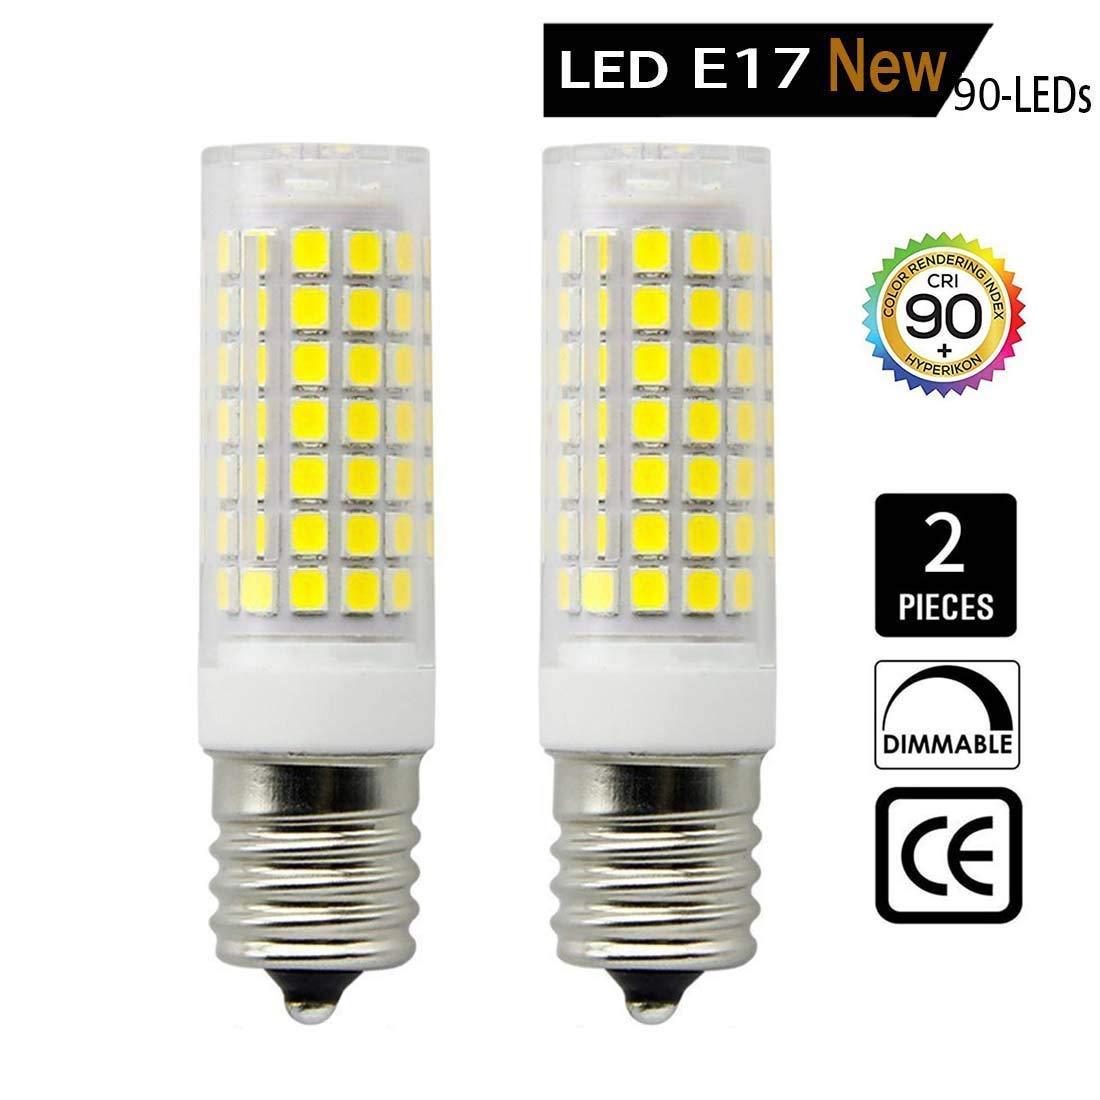 LED E17 Bulb for Microwave Oven, Freezer, Under-Microwave Stove Light, 7.5 Watt (75W Halogen Bulbs Equivalent), AC110-130V, Intermediate Base Led, Dimmable E17 Bulb, 2-Pack (Daylight White 6000K)